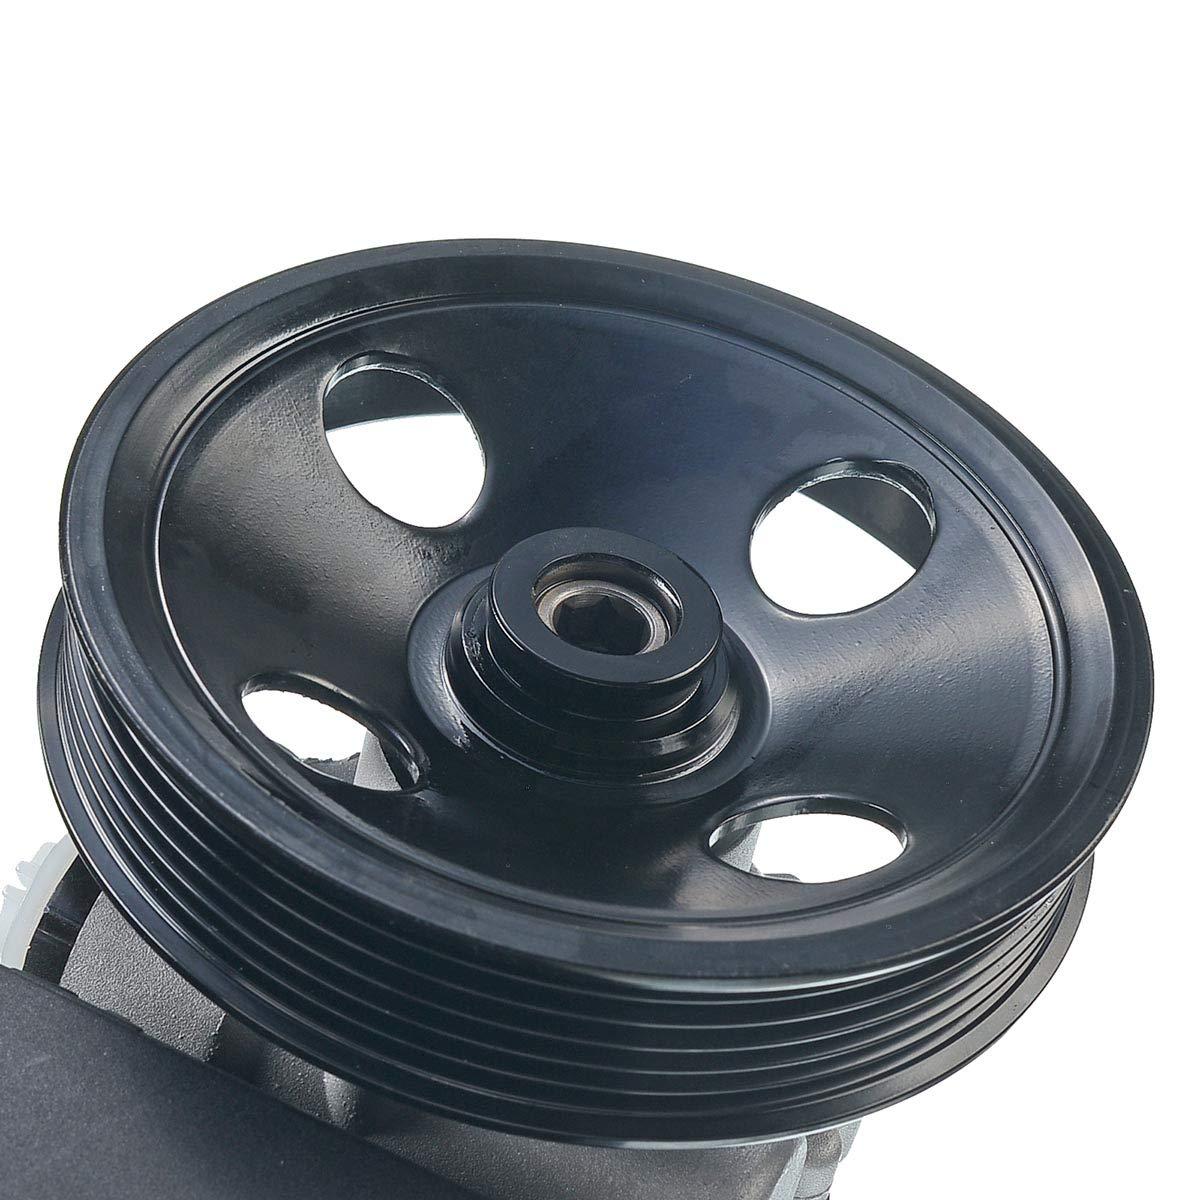 Servo Pump Power Steering Hydraulic for C180 C200 Compressor W203 CL203 S203 2000-2002 002466830180